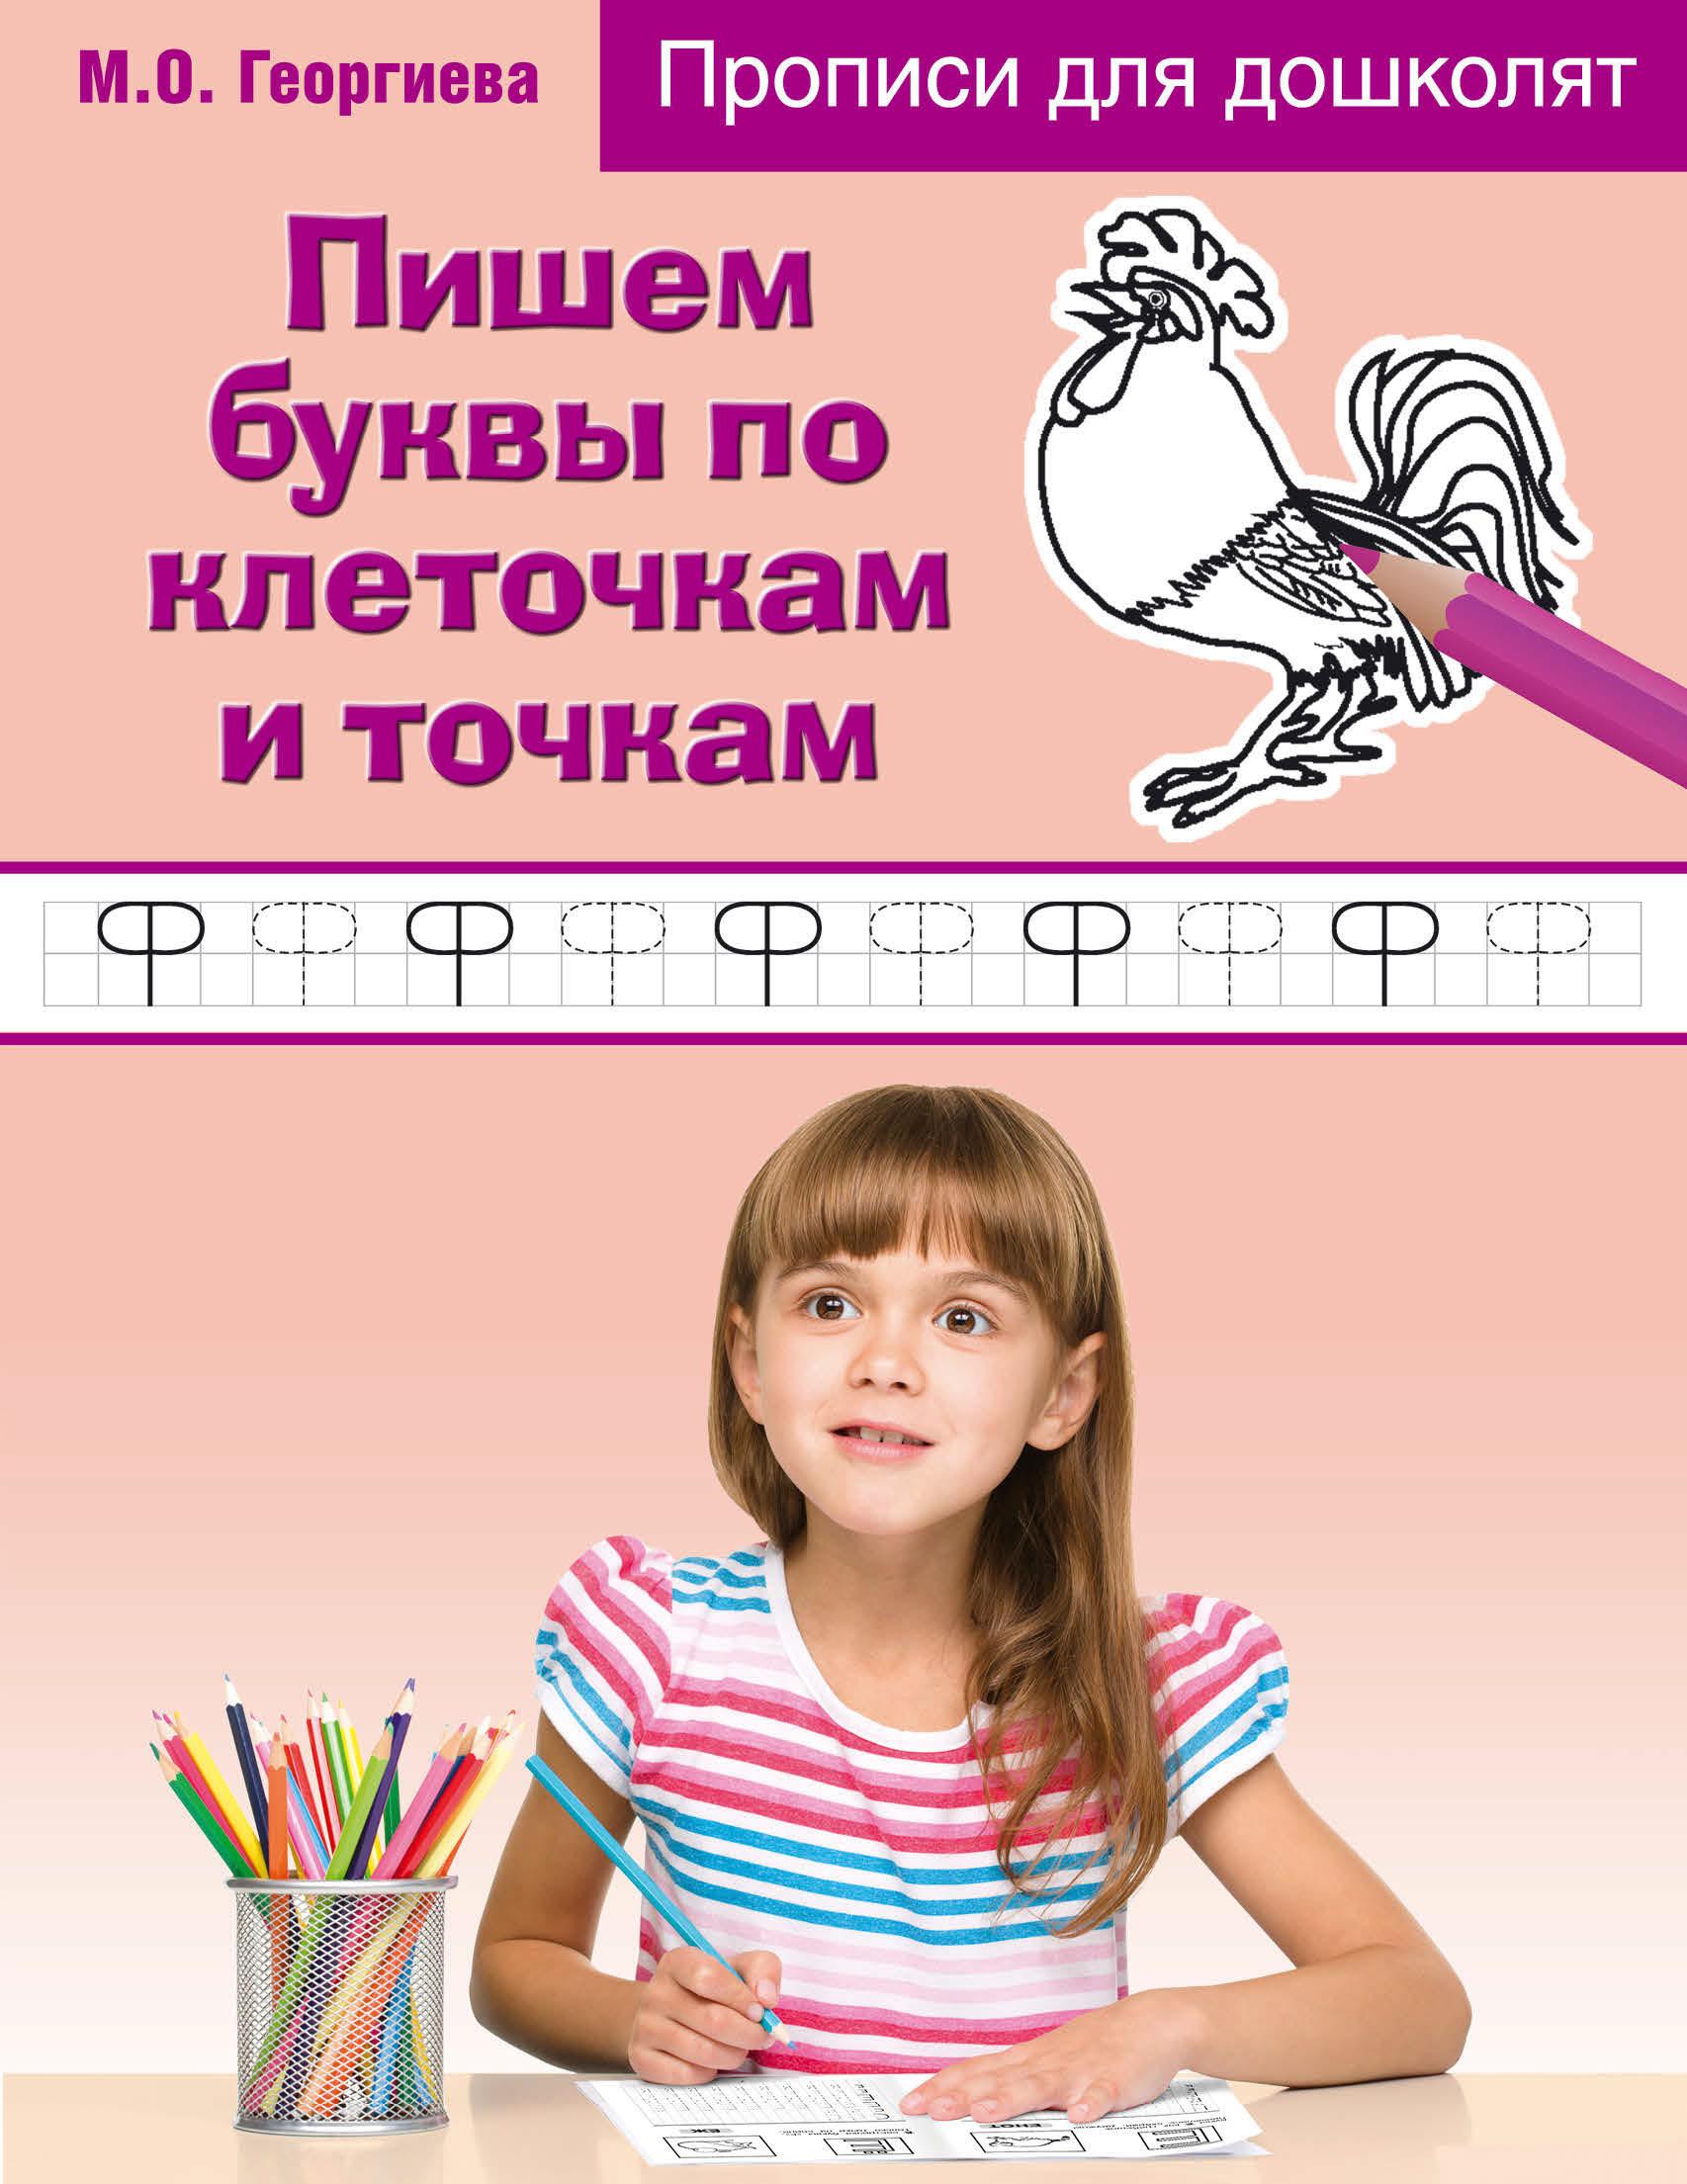 Марина Георгиева Пишем буквы по клеточкам и точкам марина георгиева буквы по клеточкам пропись раскраска